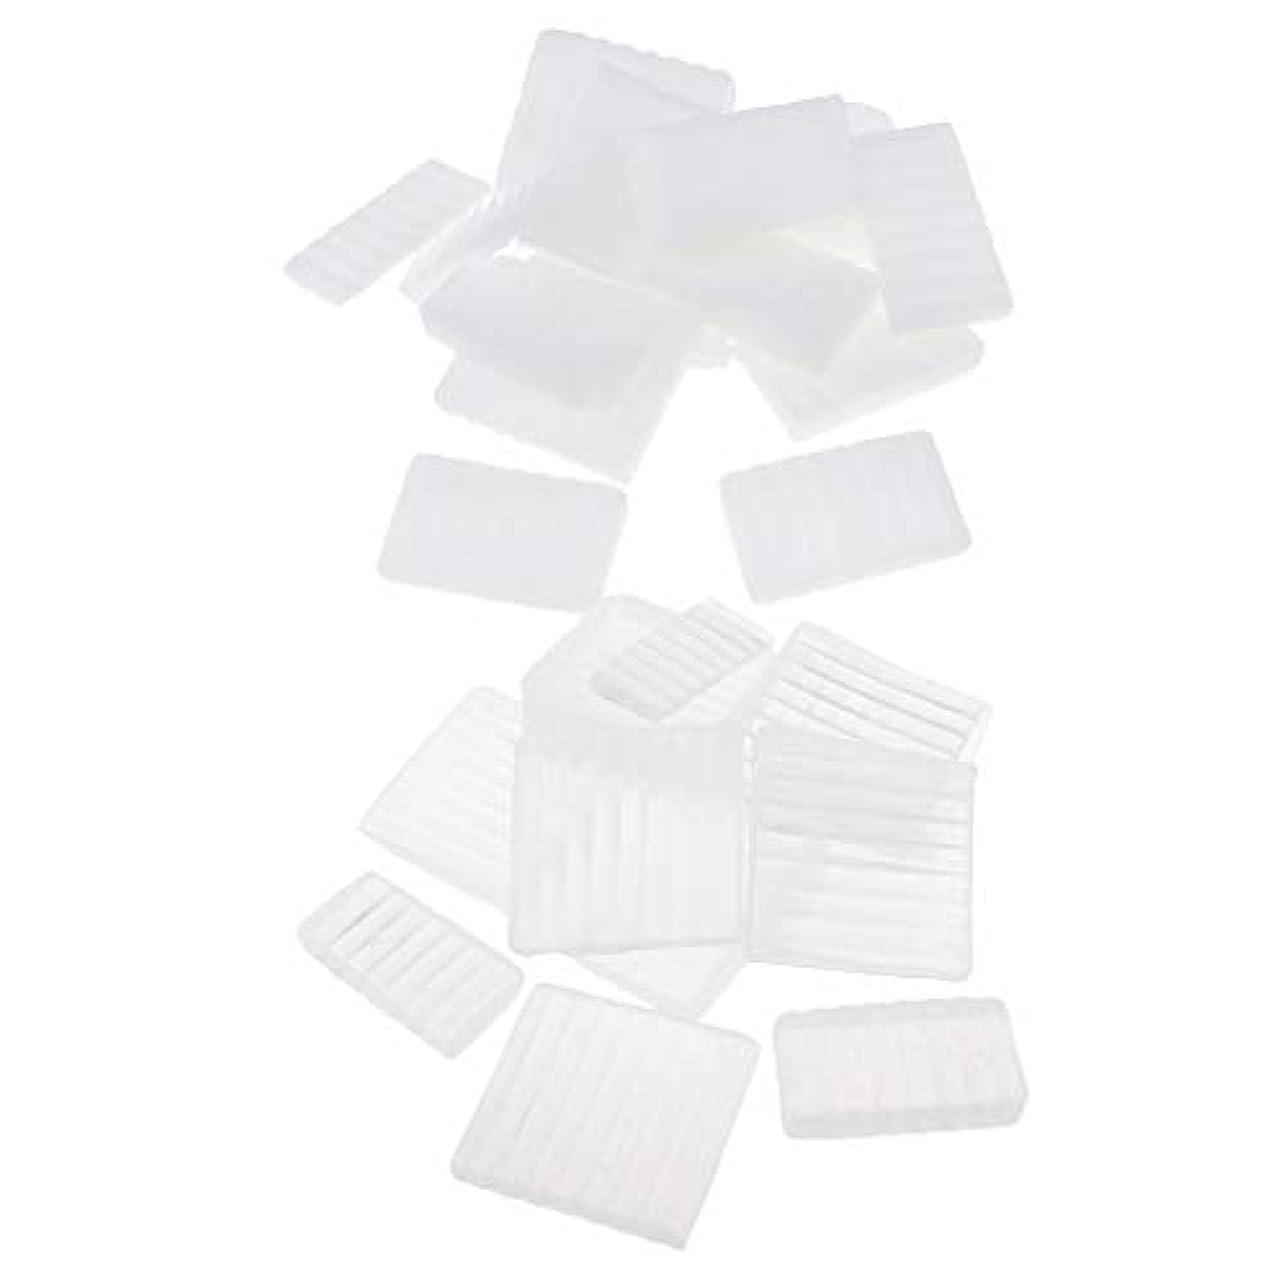 圧縮薬用壊すBaoblaze ソープベース 石鹸作り 手作りソープ素材 石けん 石鹸素地 作り ソープ 手作り